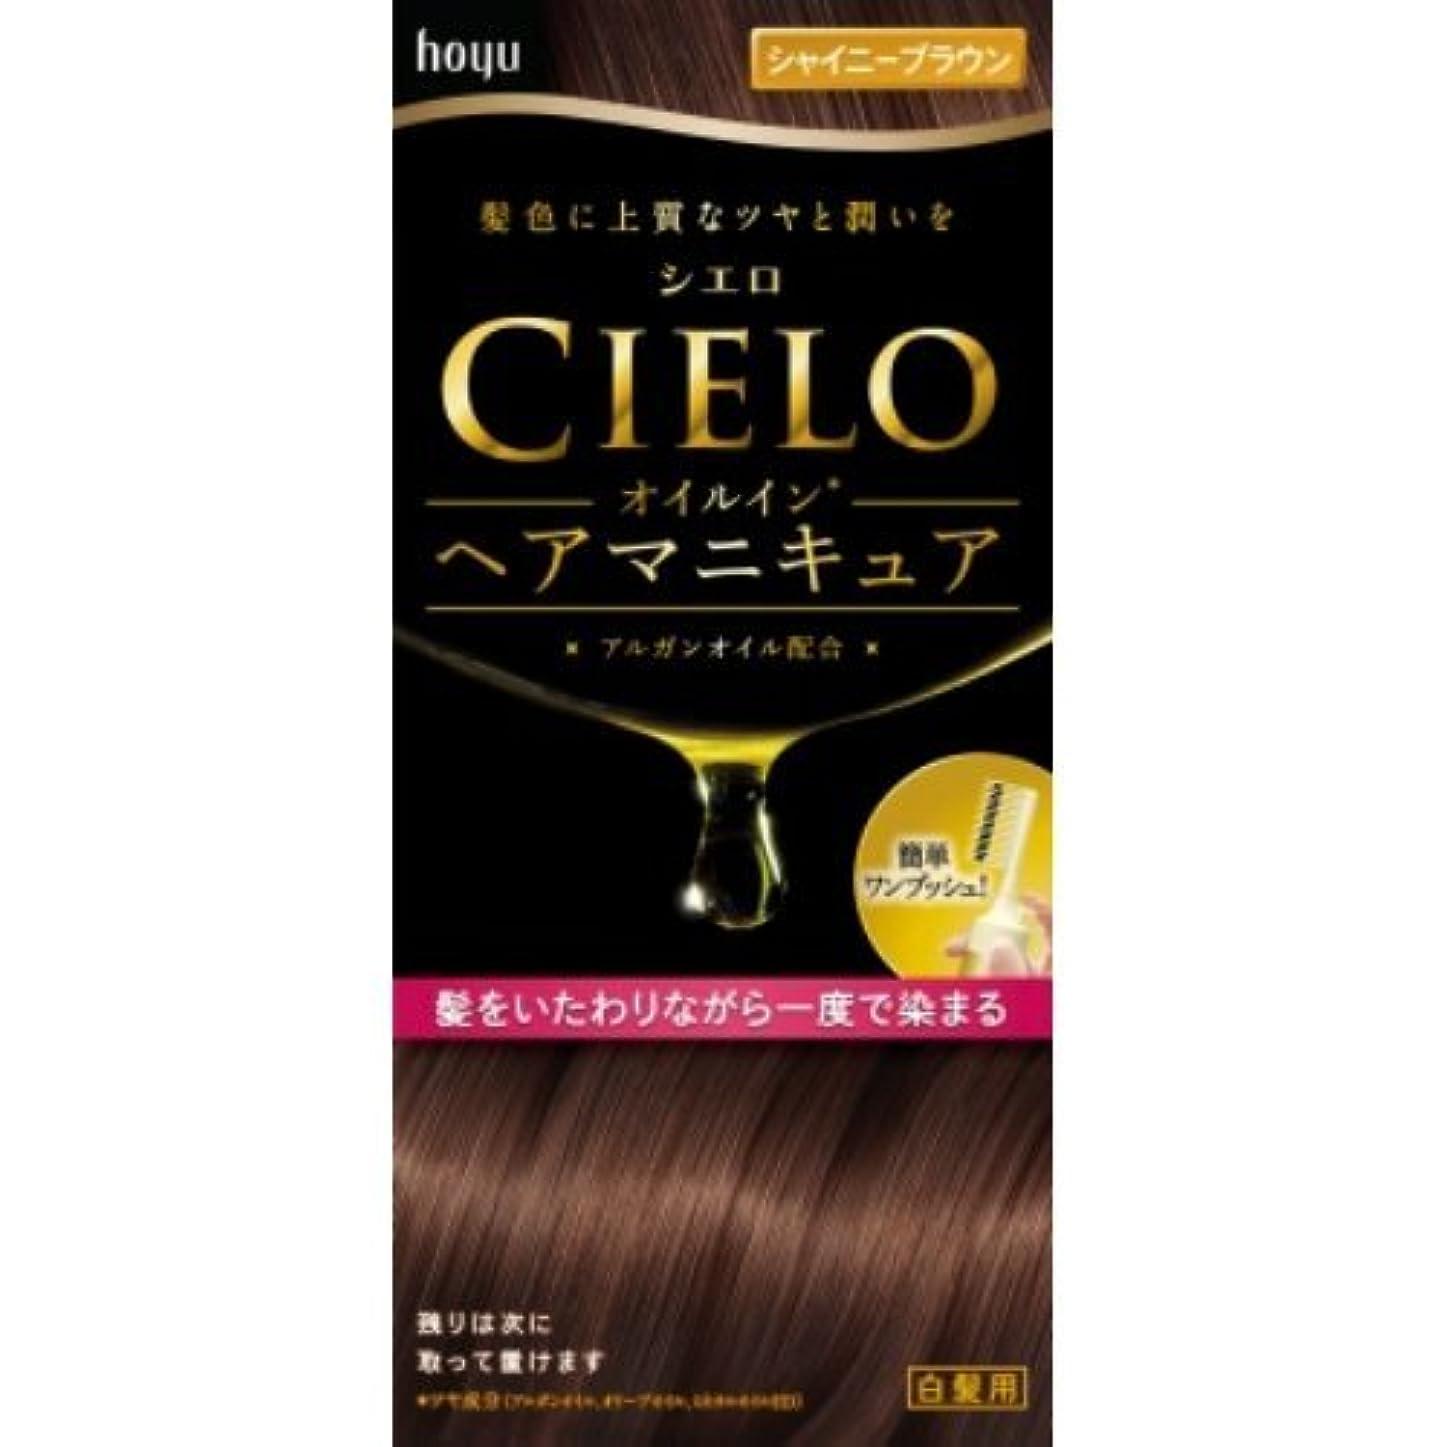 シエロ オイルインヘアマニキュア シャイニーブラウン × 3個セット